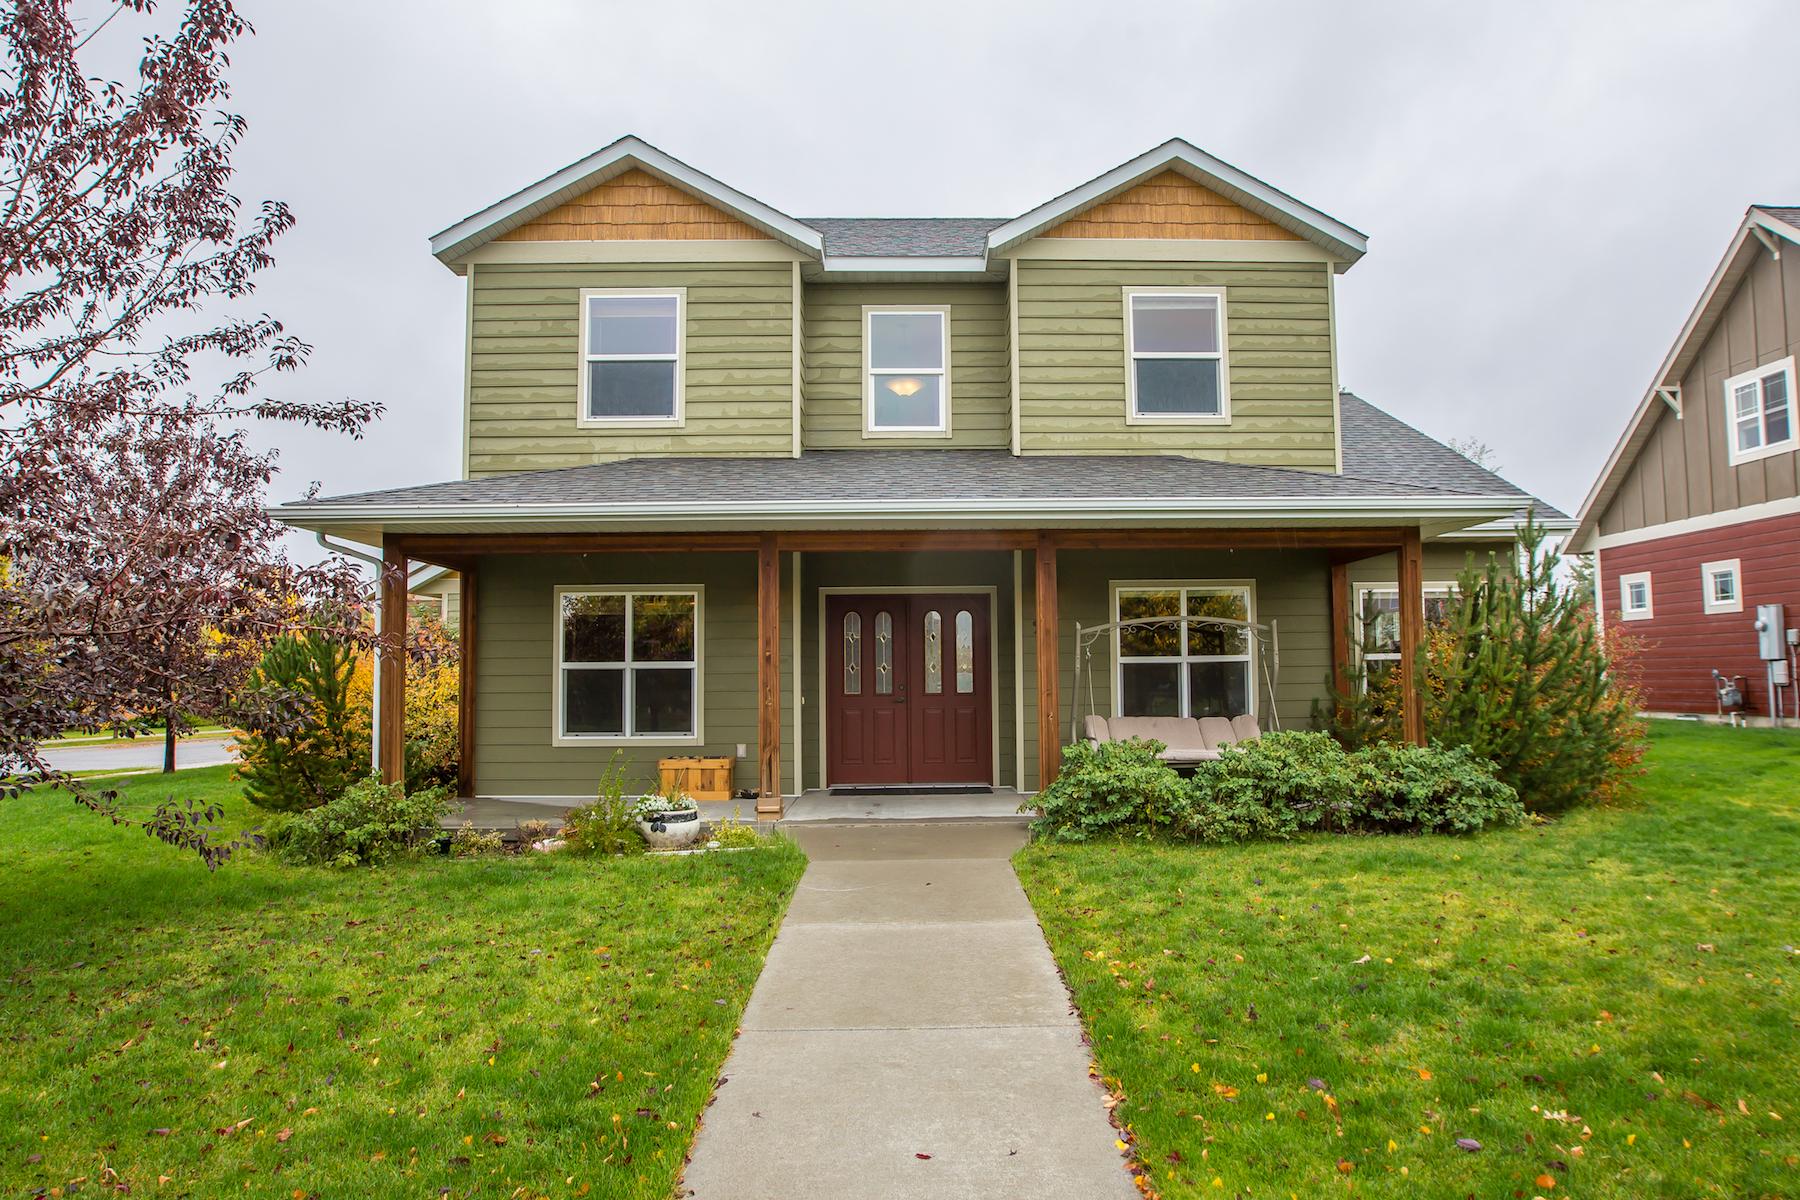 단독 가정 주택 용 매매 에 Forest Glen 984 Forestglen Bozeman, 몬타나, 59718 미국